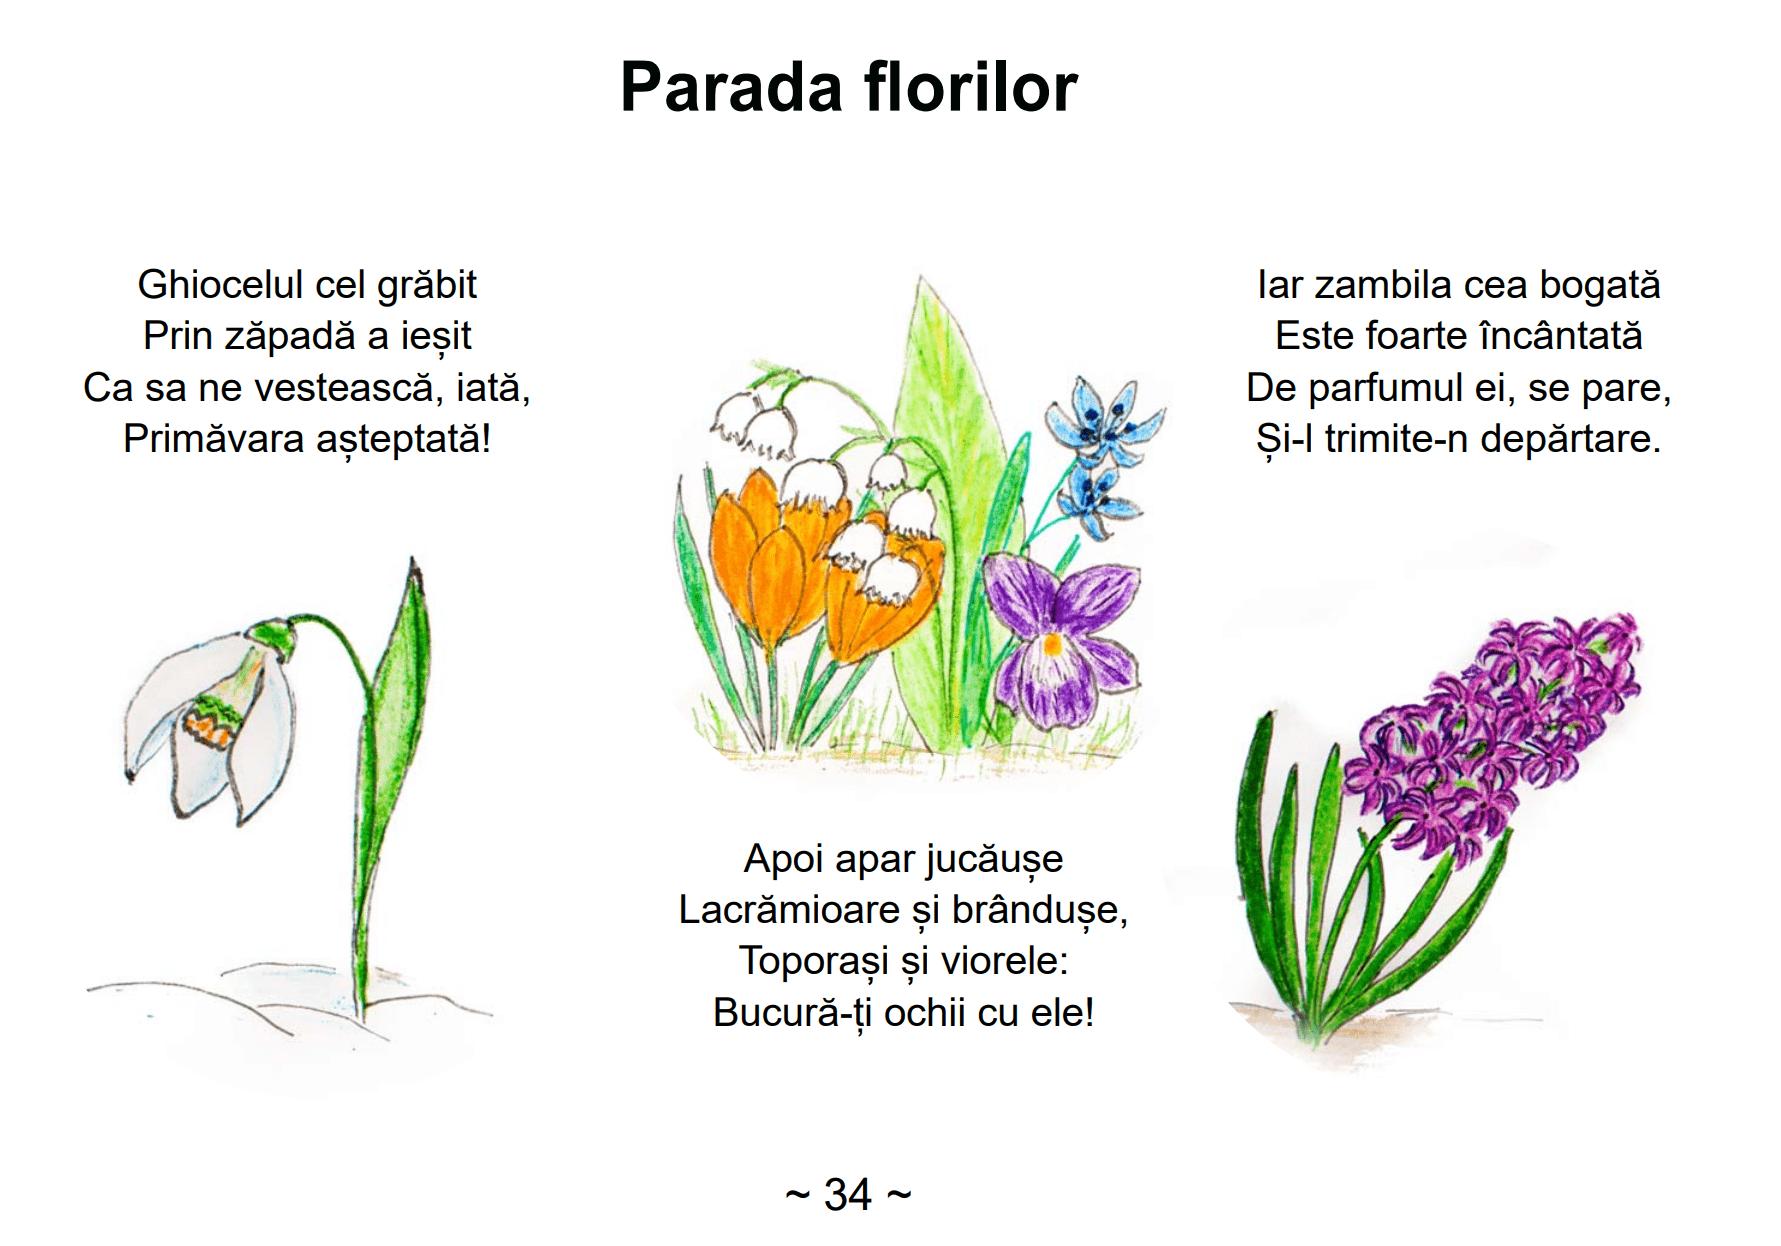 Cu-pasi-mici-parada-florilor.png